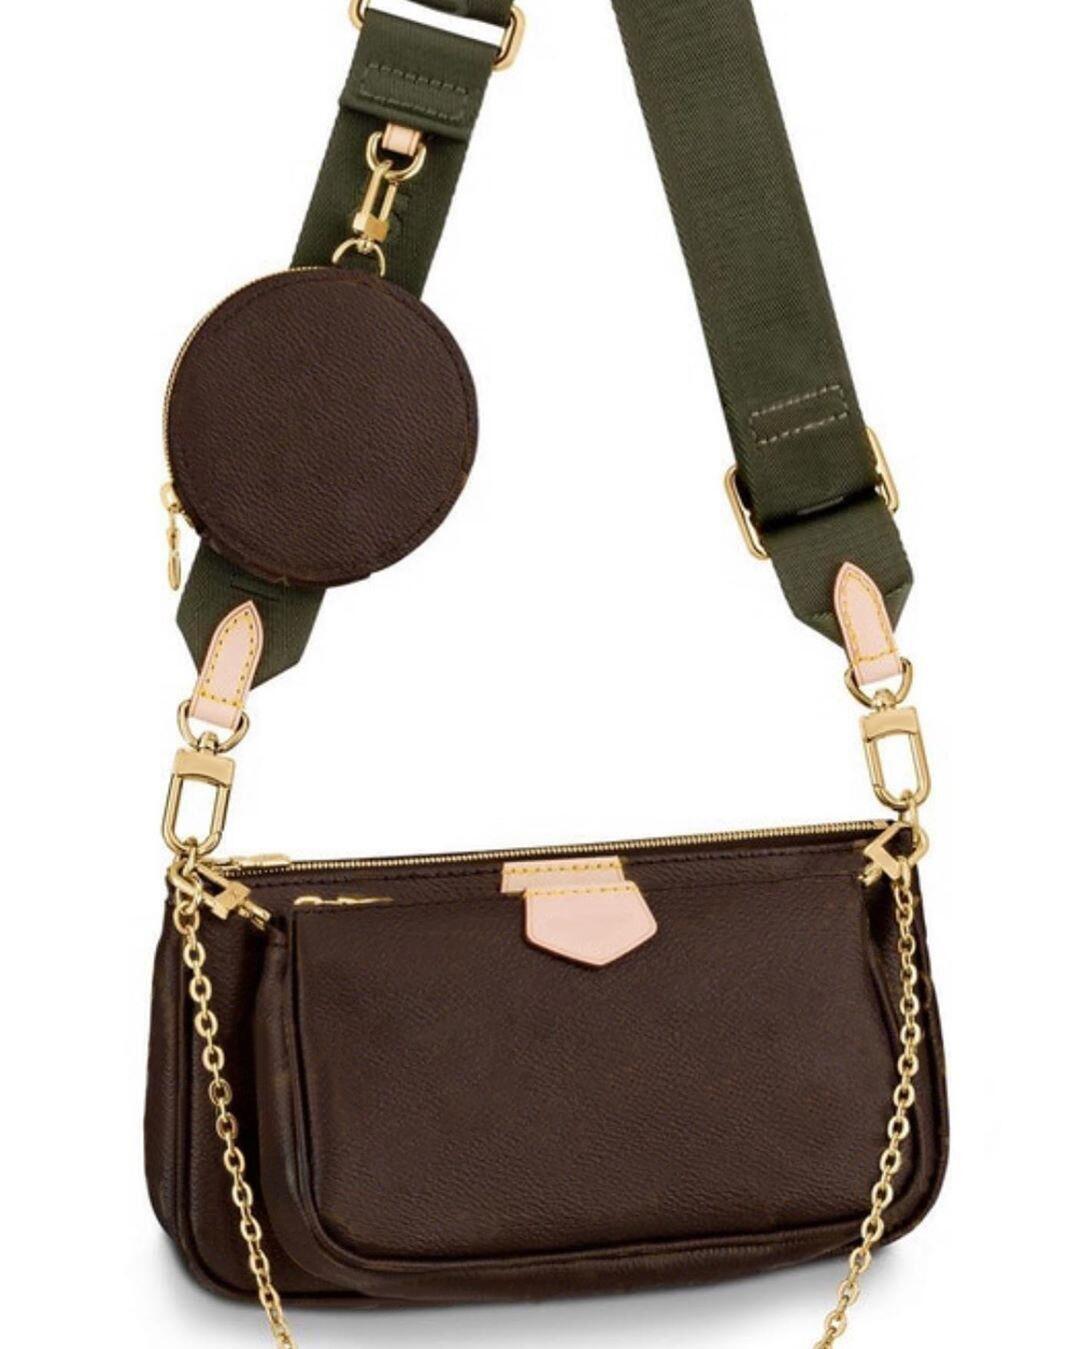 2020 bolsas bolsas bolsas de mulheres bolsas de desenhista multi coceteta acessórios moda homens pequenos duffle bolsa de ombro cadeia crossbody saco famoso